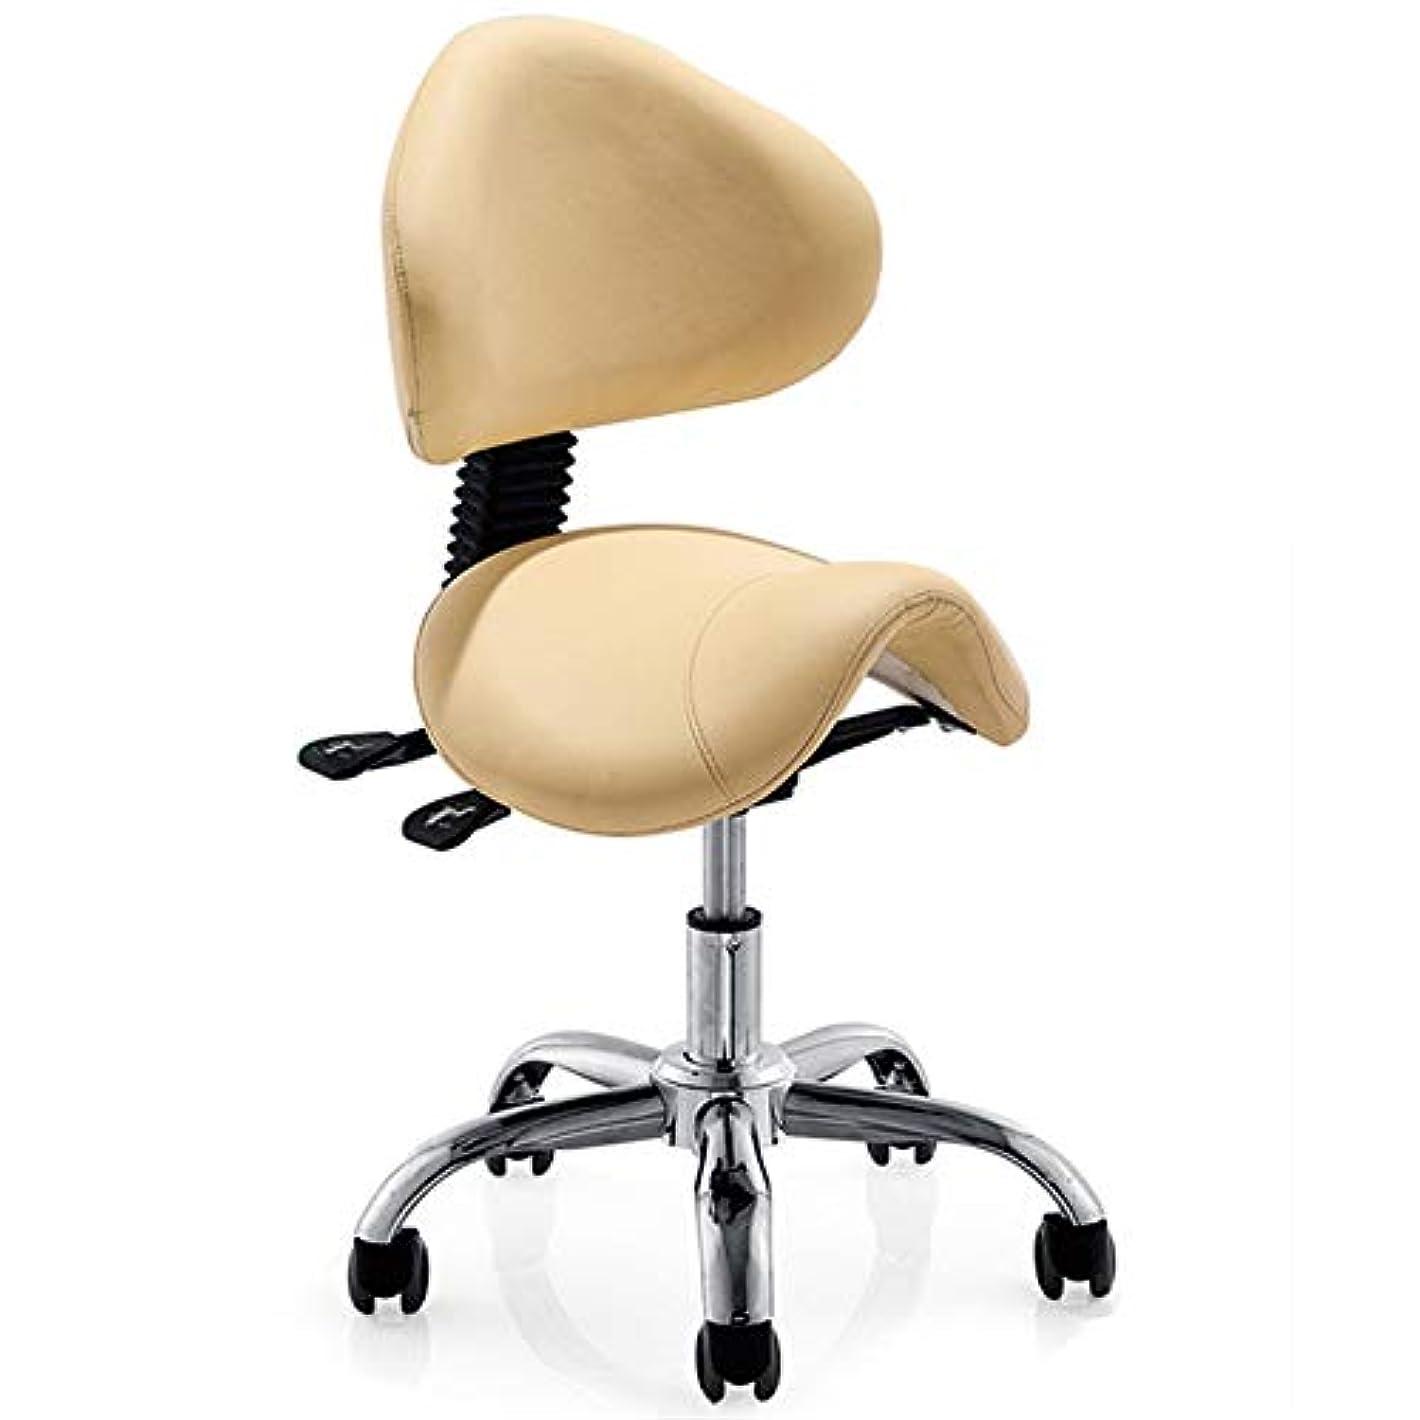 召集する手綱ストラップサロンチェア油圧理髪店チェアサロンスパモデリングチェアファッションエレガントなデザイン回転可能な調節可能な高さ取り外し可能な背もたれ5ローラー,Yellow